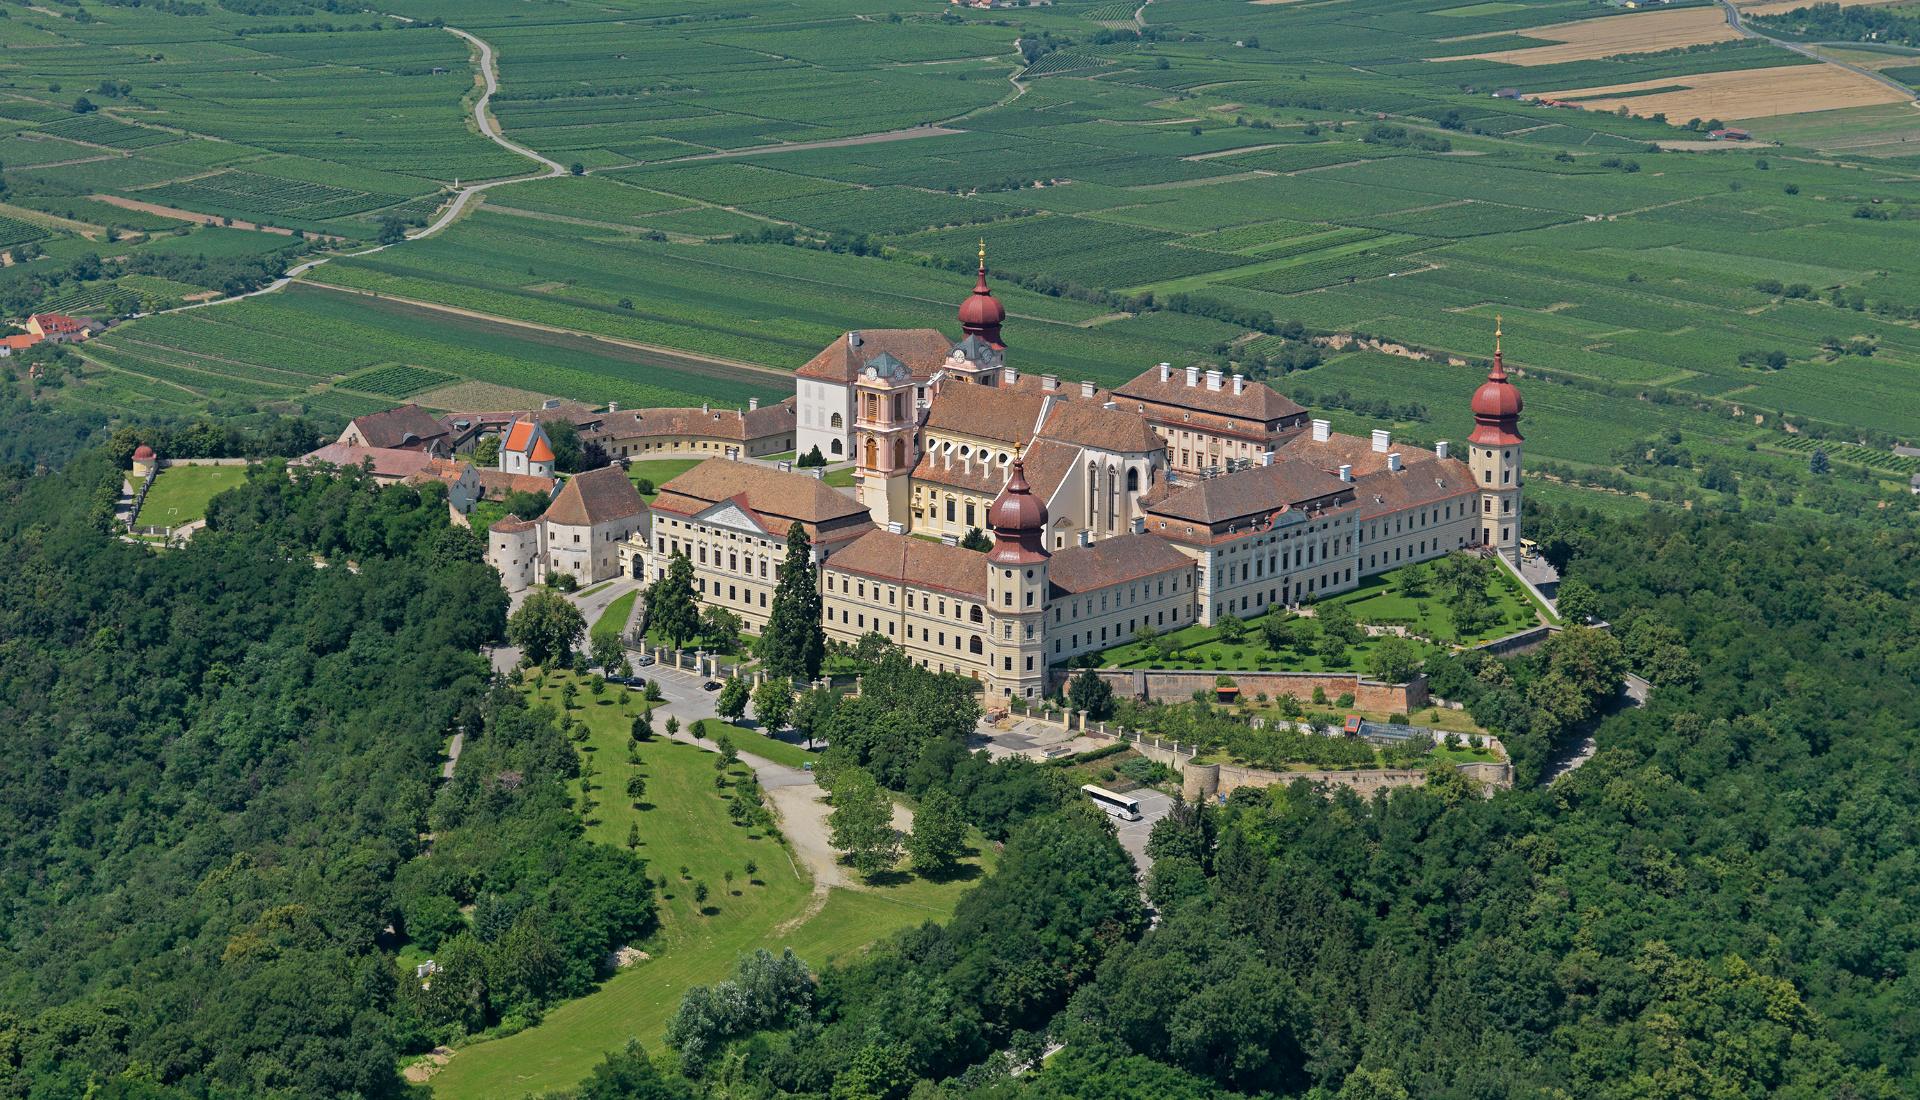 Gettweig - klášter - Letecká velkoplošná fotografie